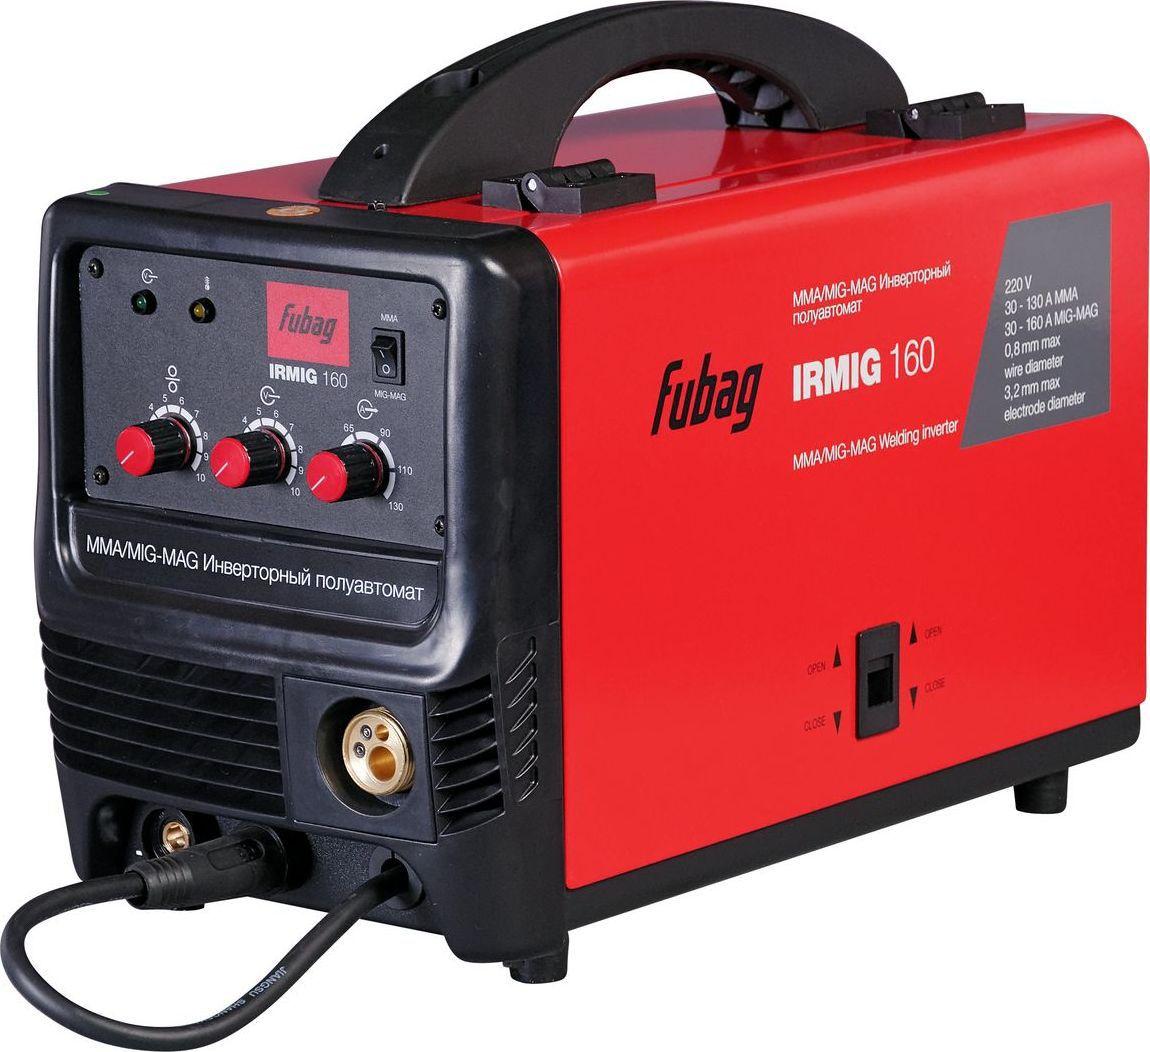 Сварочный полуавтомат-инвертор Fubag Irmig 160 инверторный сварочный полуавтомат fubag irmig 160 syn